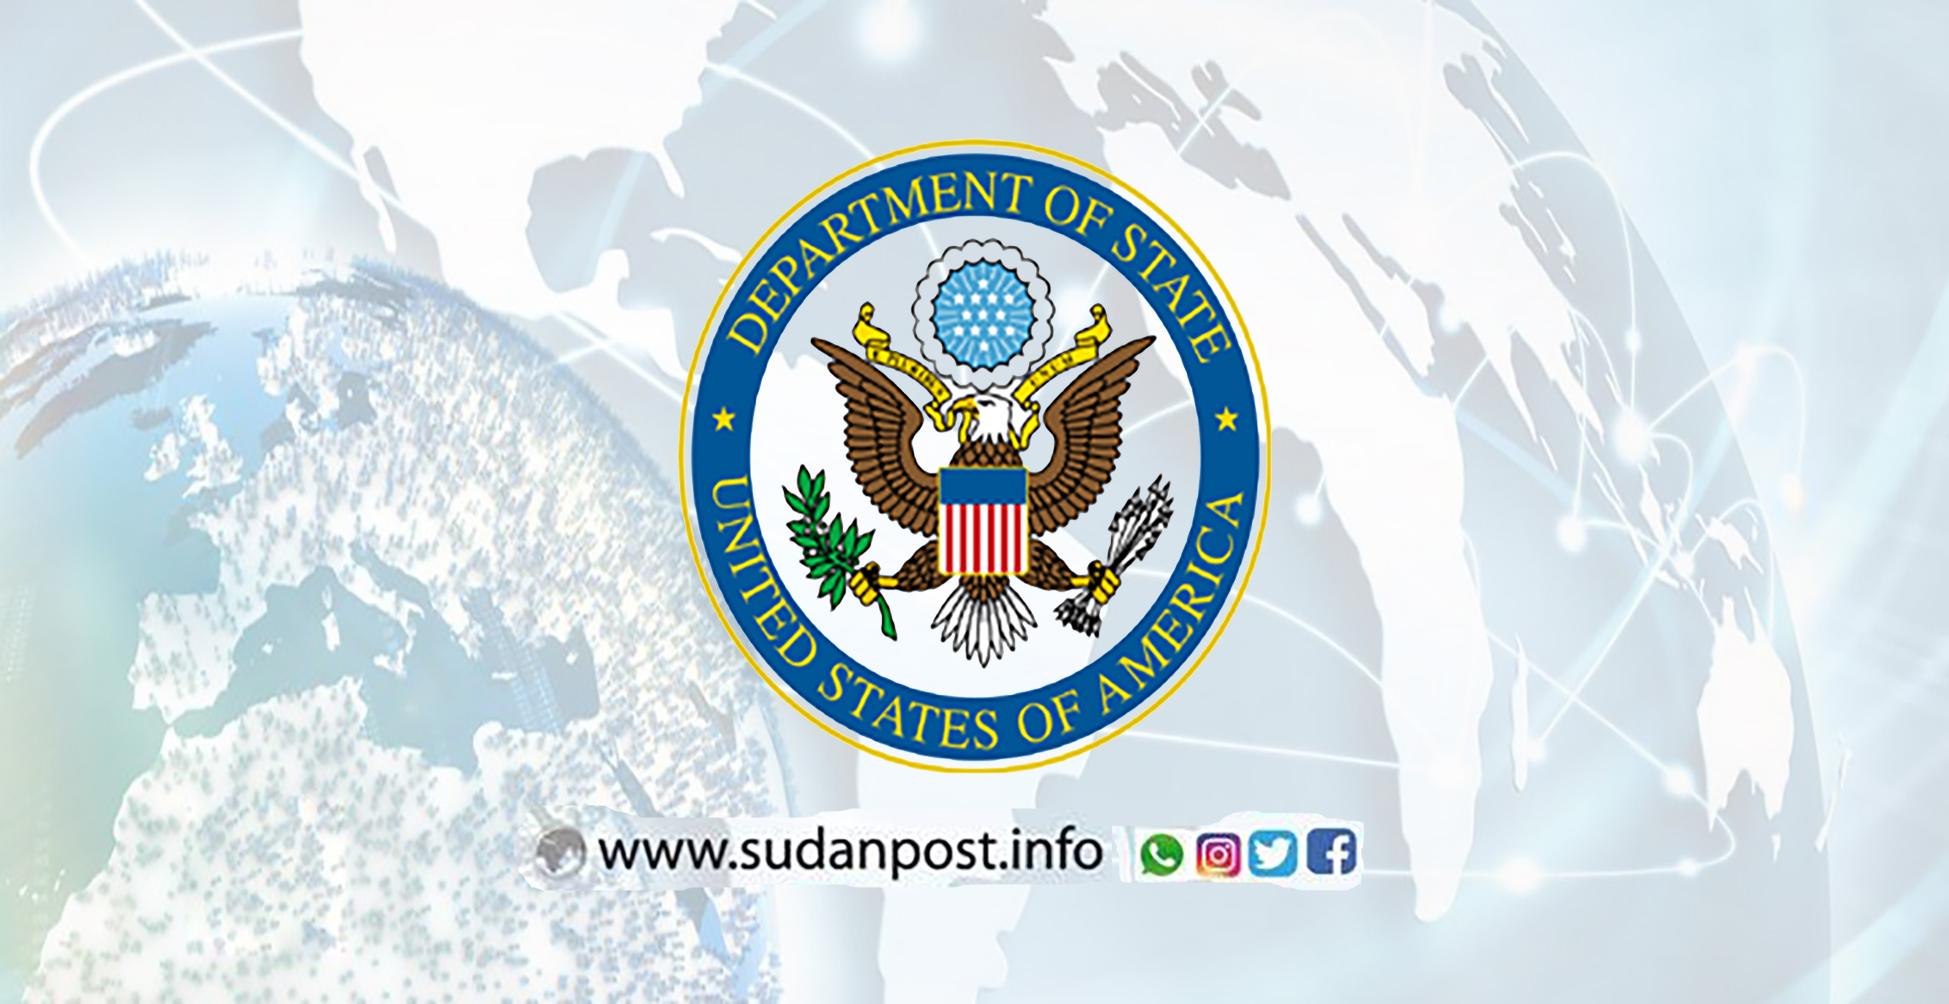 أمريكا تؤكد دعمها لأهداف الثورة السودانية ومحاسبة المجرمين